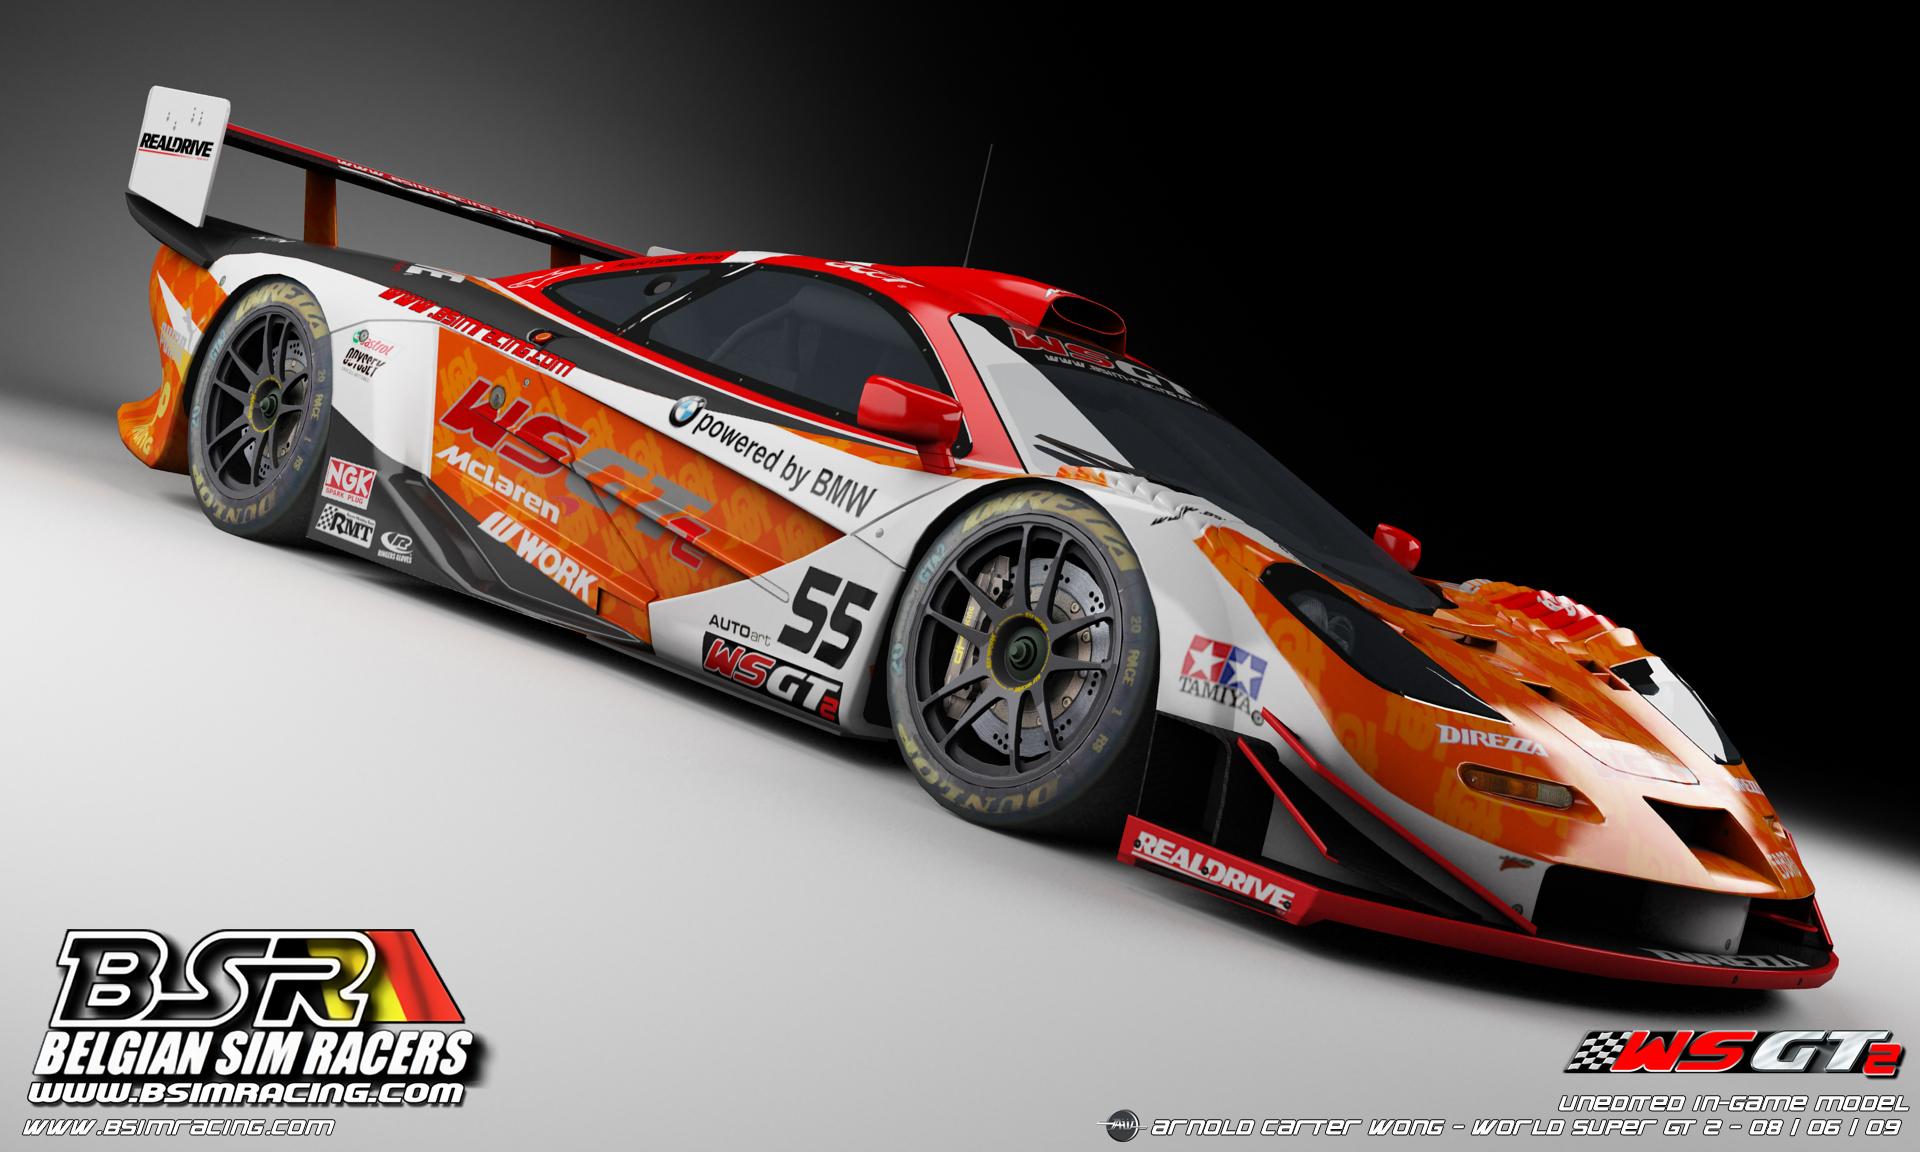 World Super GT 2 – Mclaren Wallpaper – VirtualR.net – 100% ...